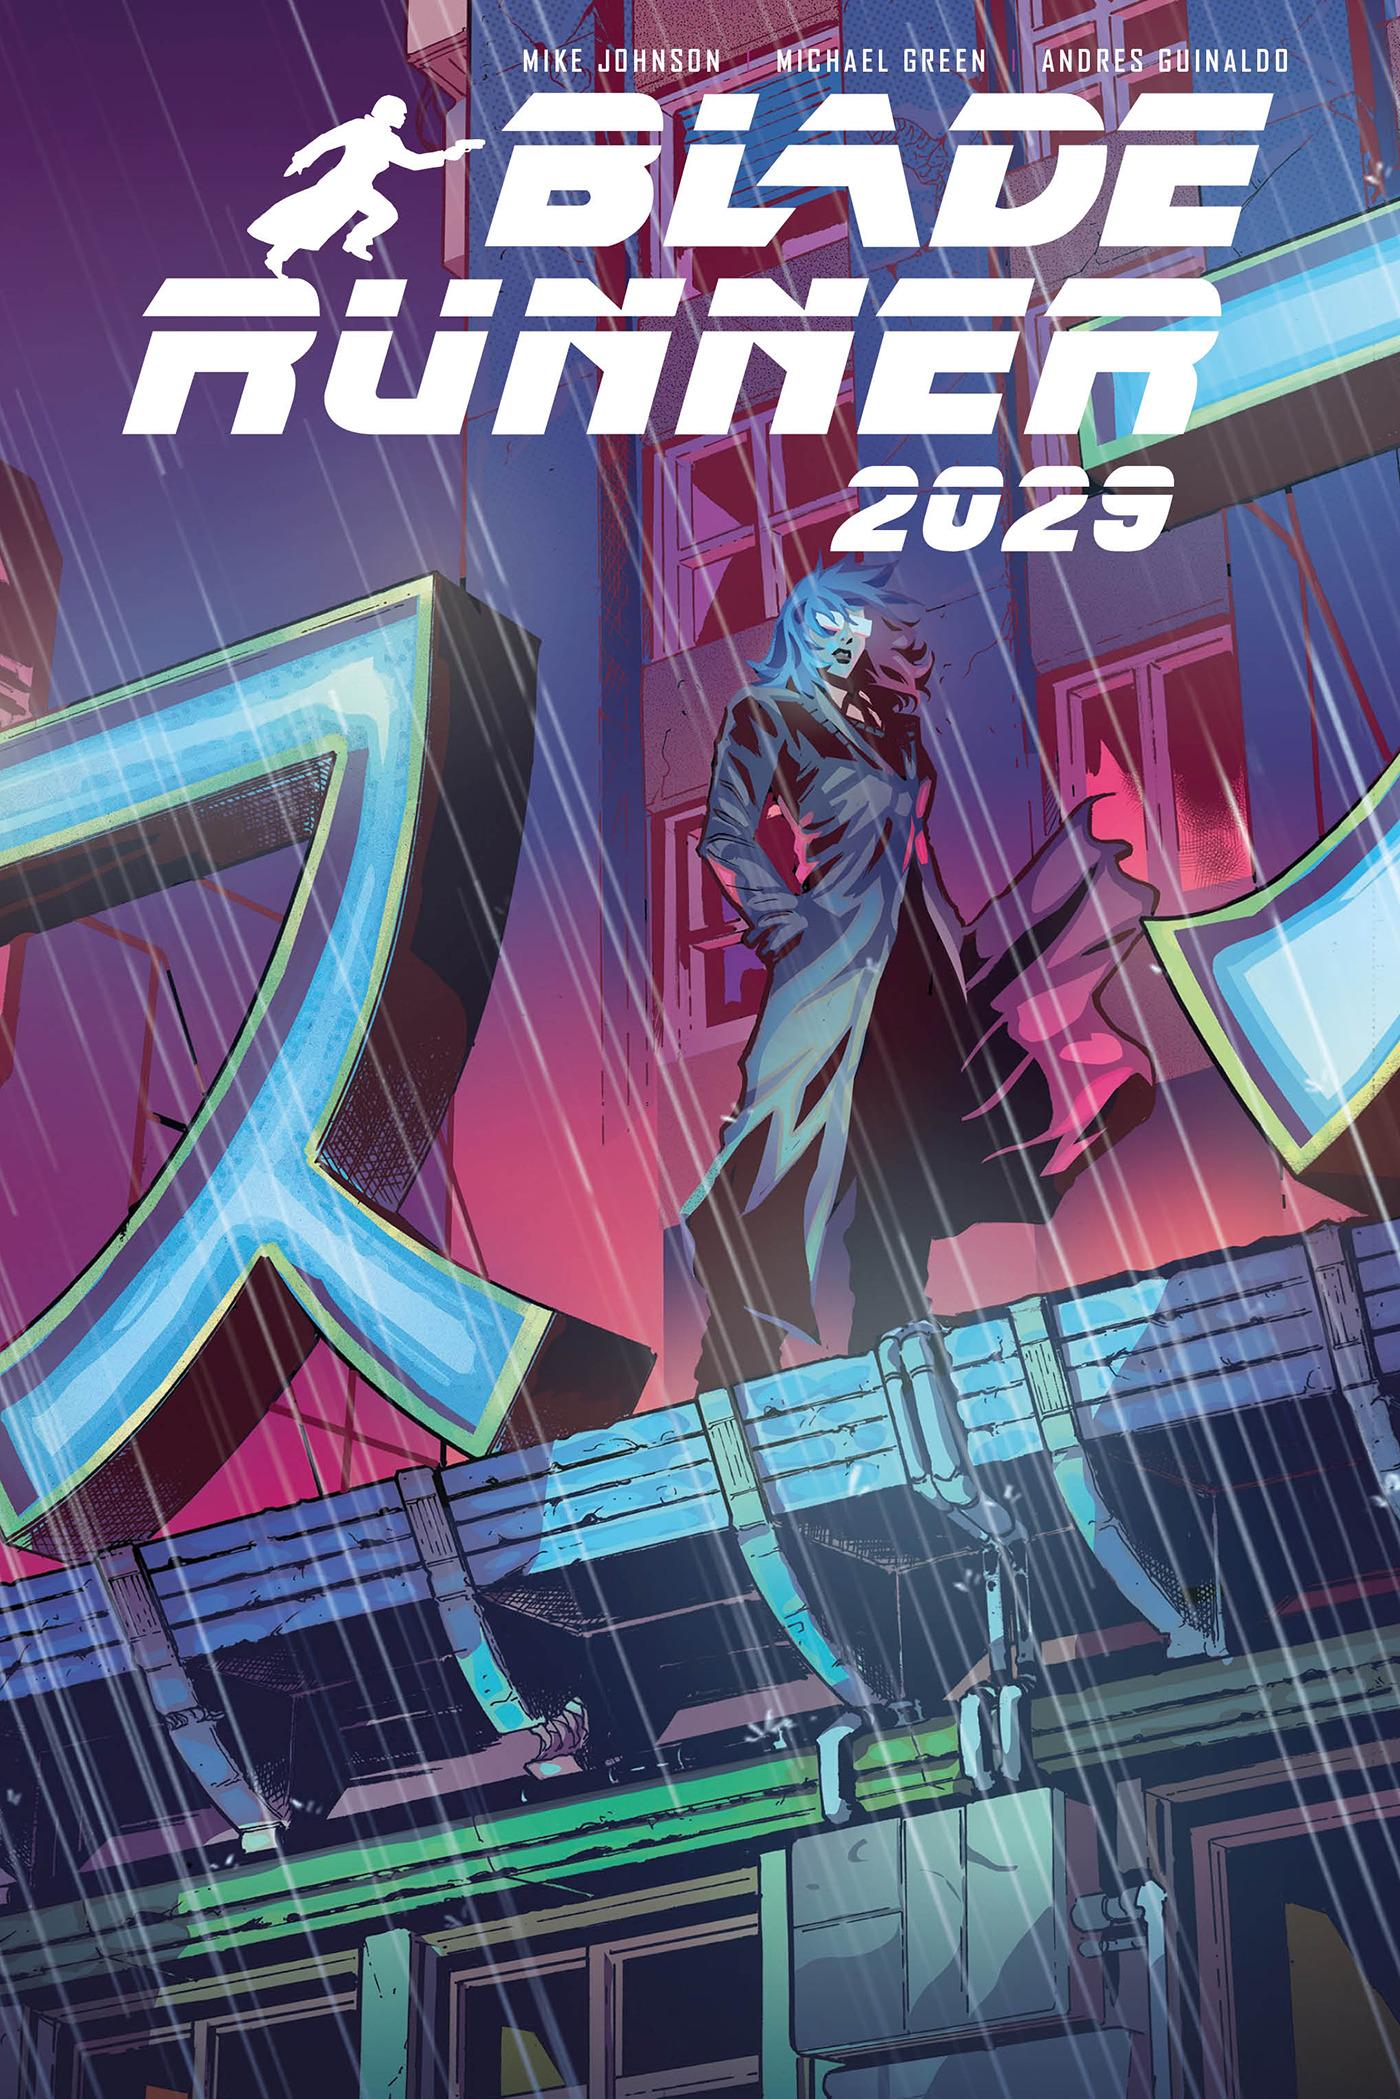 Blade Runner 2029 Vol. 1